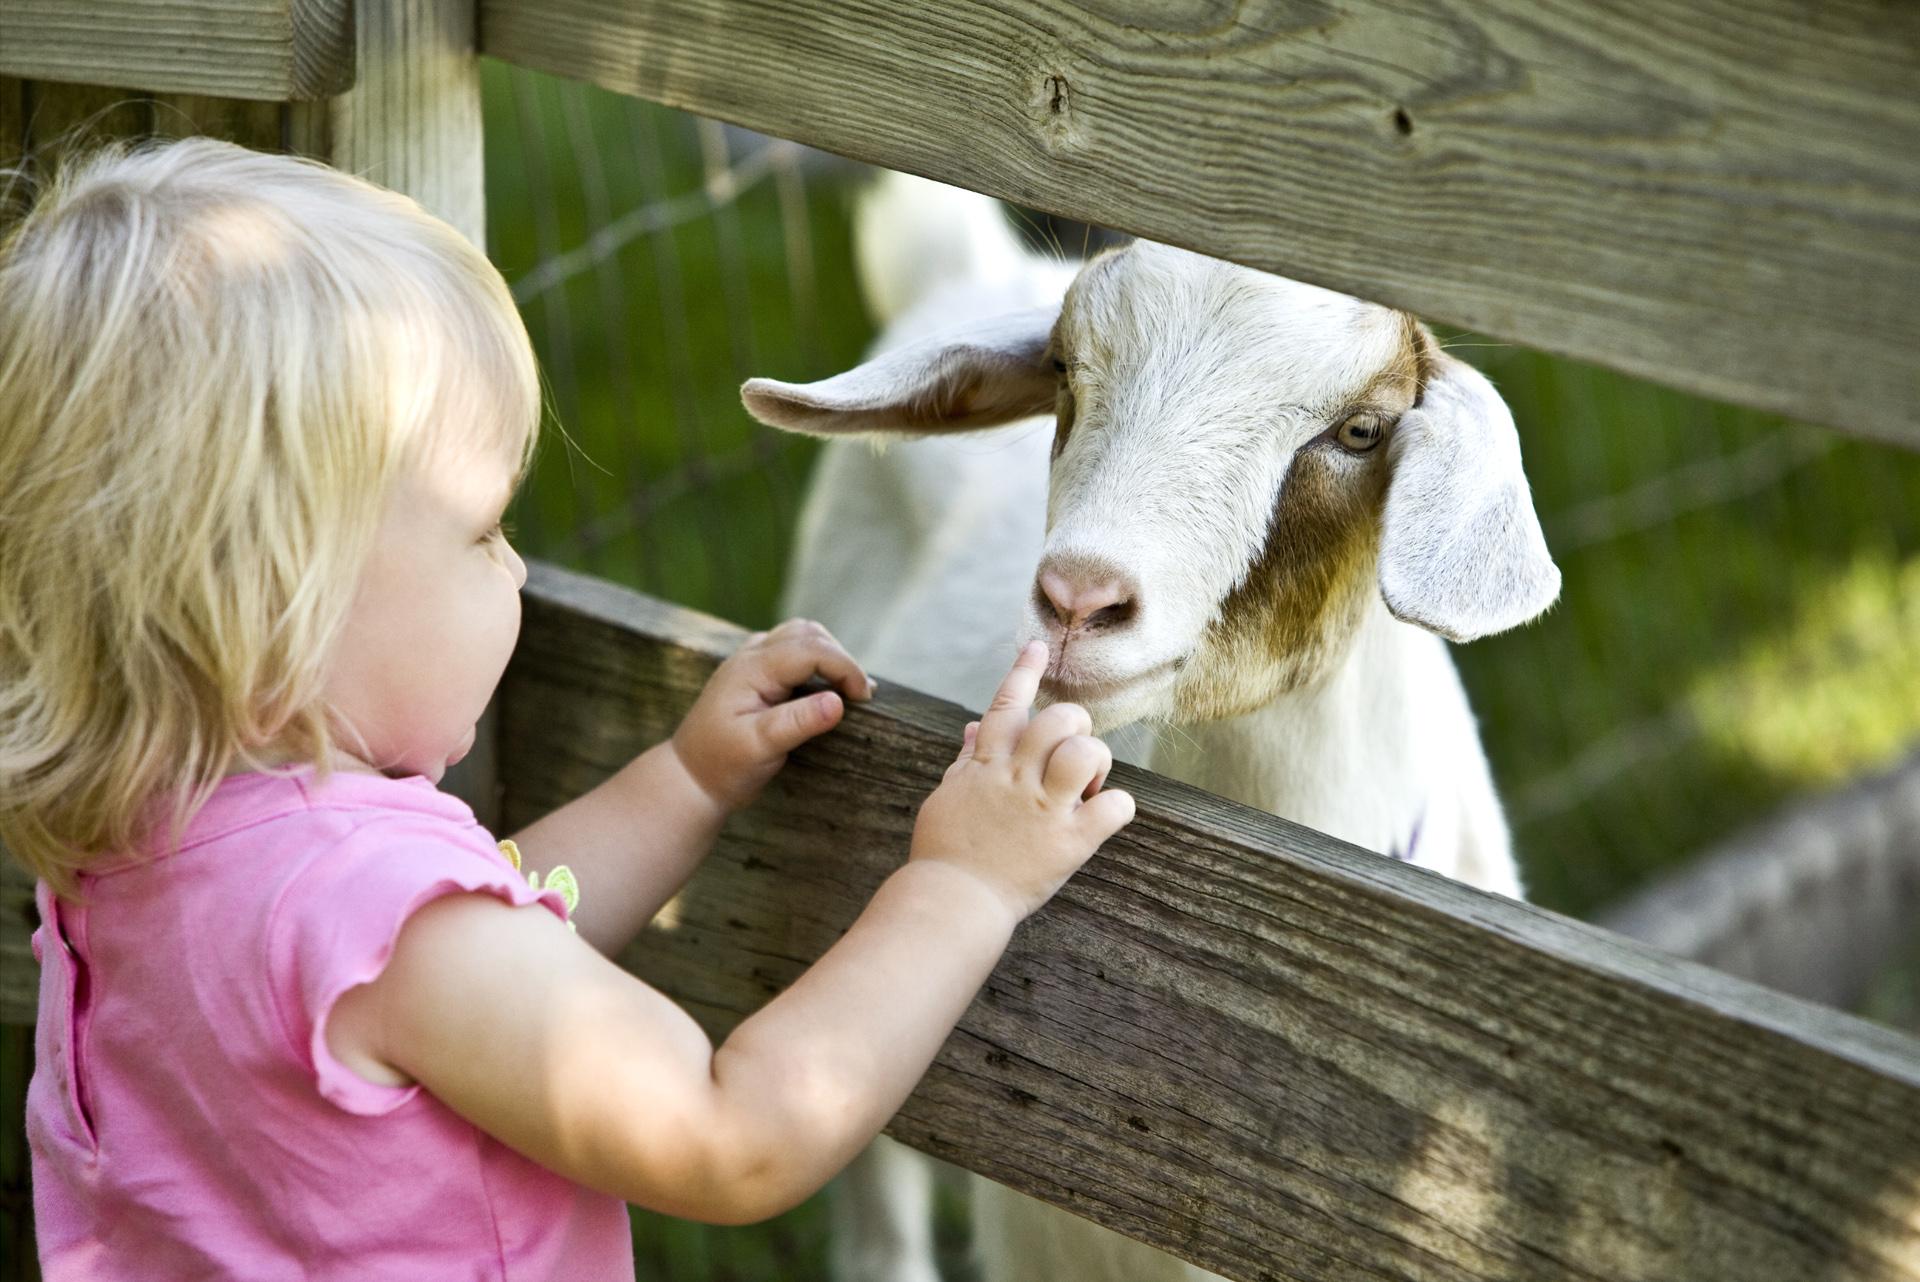 Dagje-uit-met-kinderen-boerderij